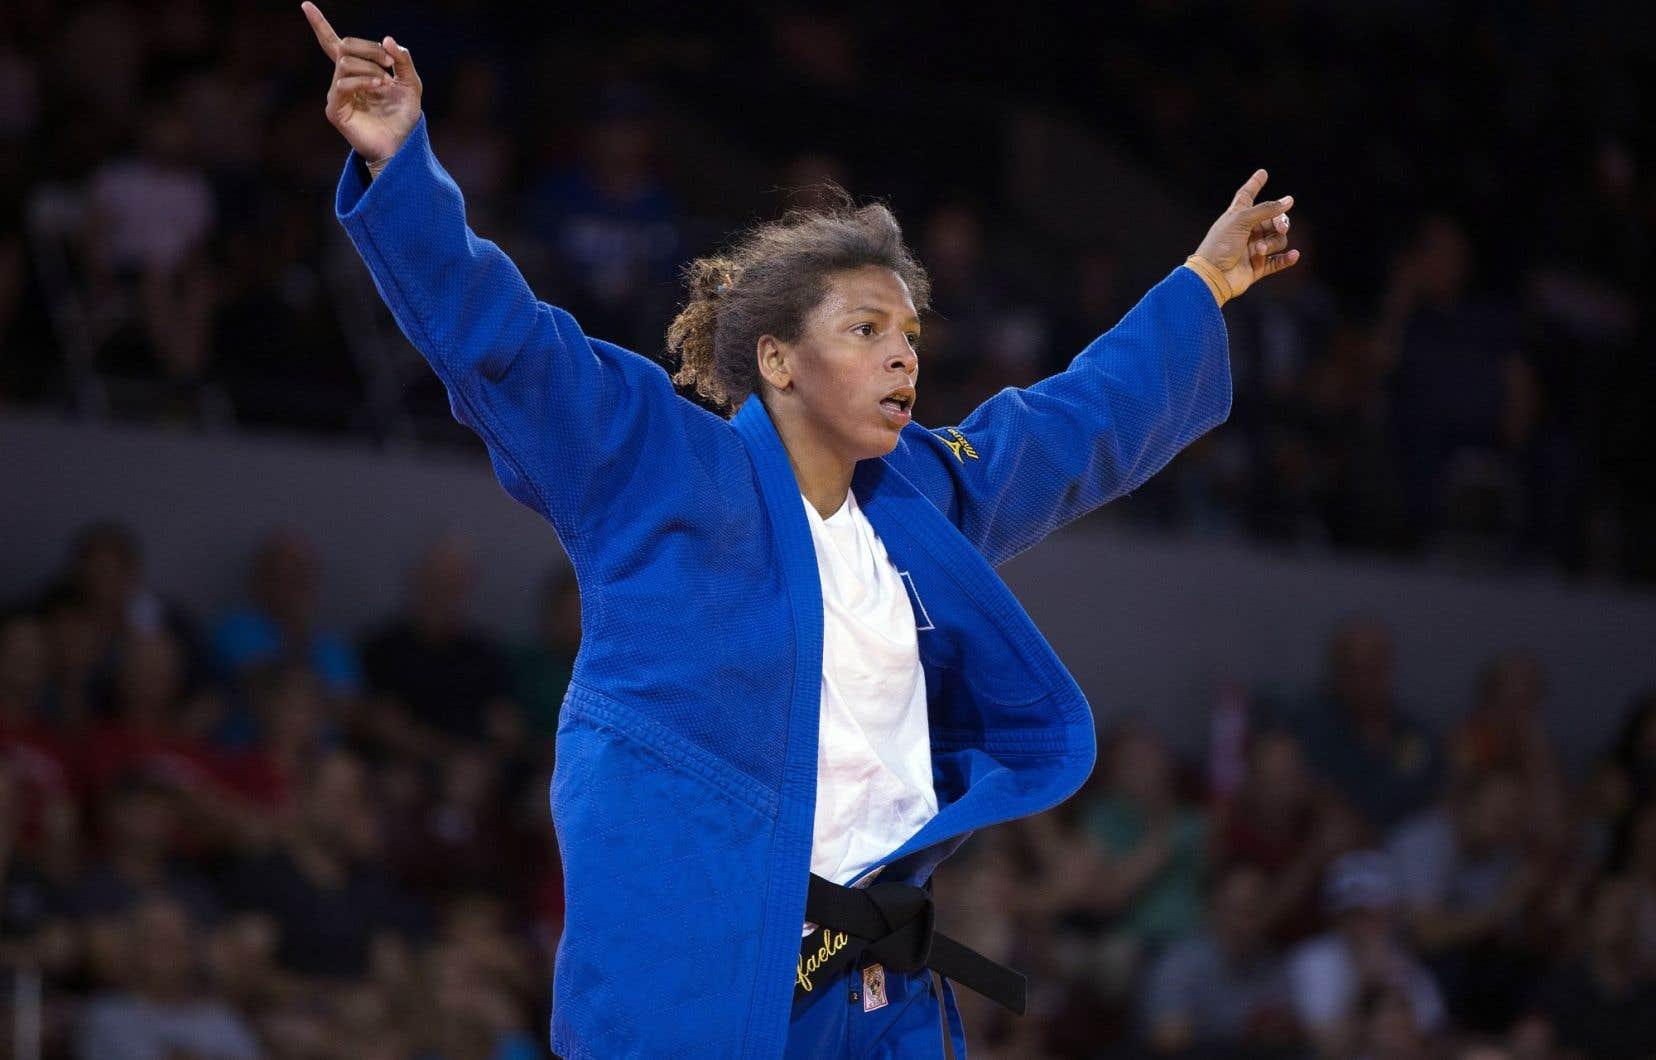 Née du mauvais côté de la barrière sociale, la Brésilienne Rafaela Silva a dû apprendre très jeune à se battre contre l'adversité. Ci-dessus, l'athlète célébrait sa médaille de bronze aux jeux panaméricains à Toronto en juillet 2015.